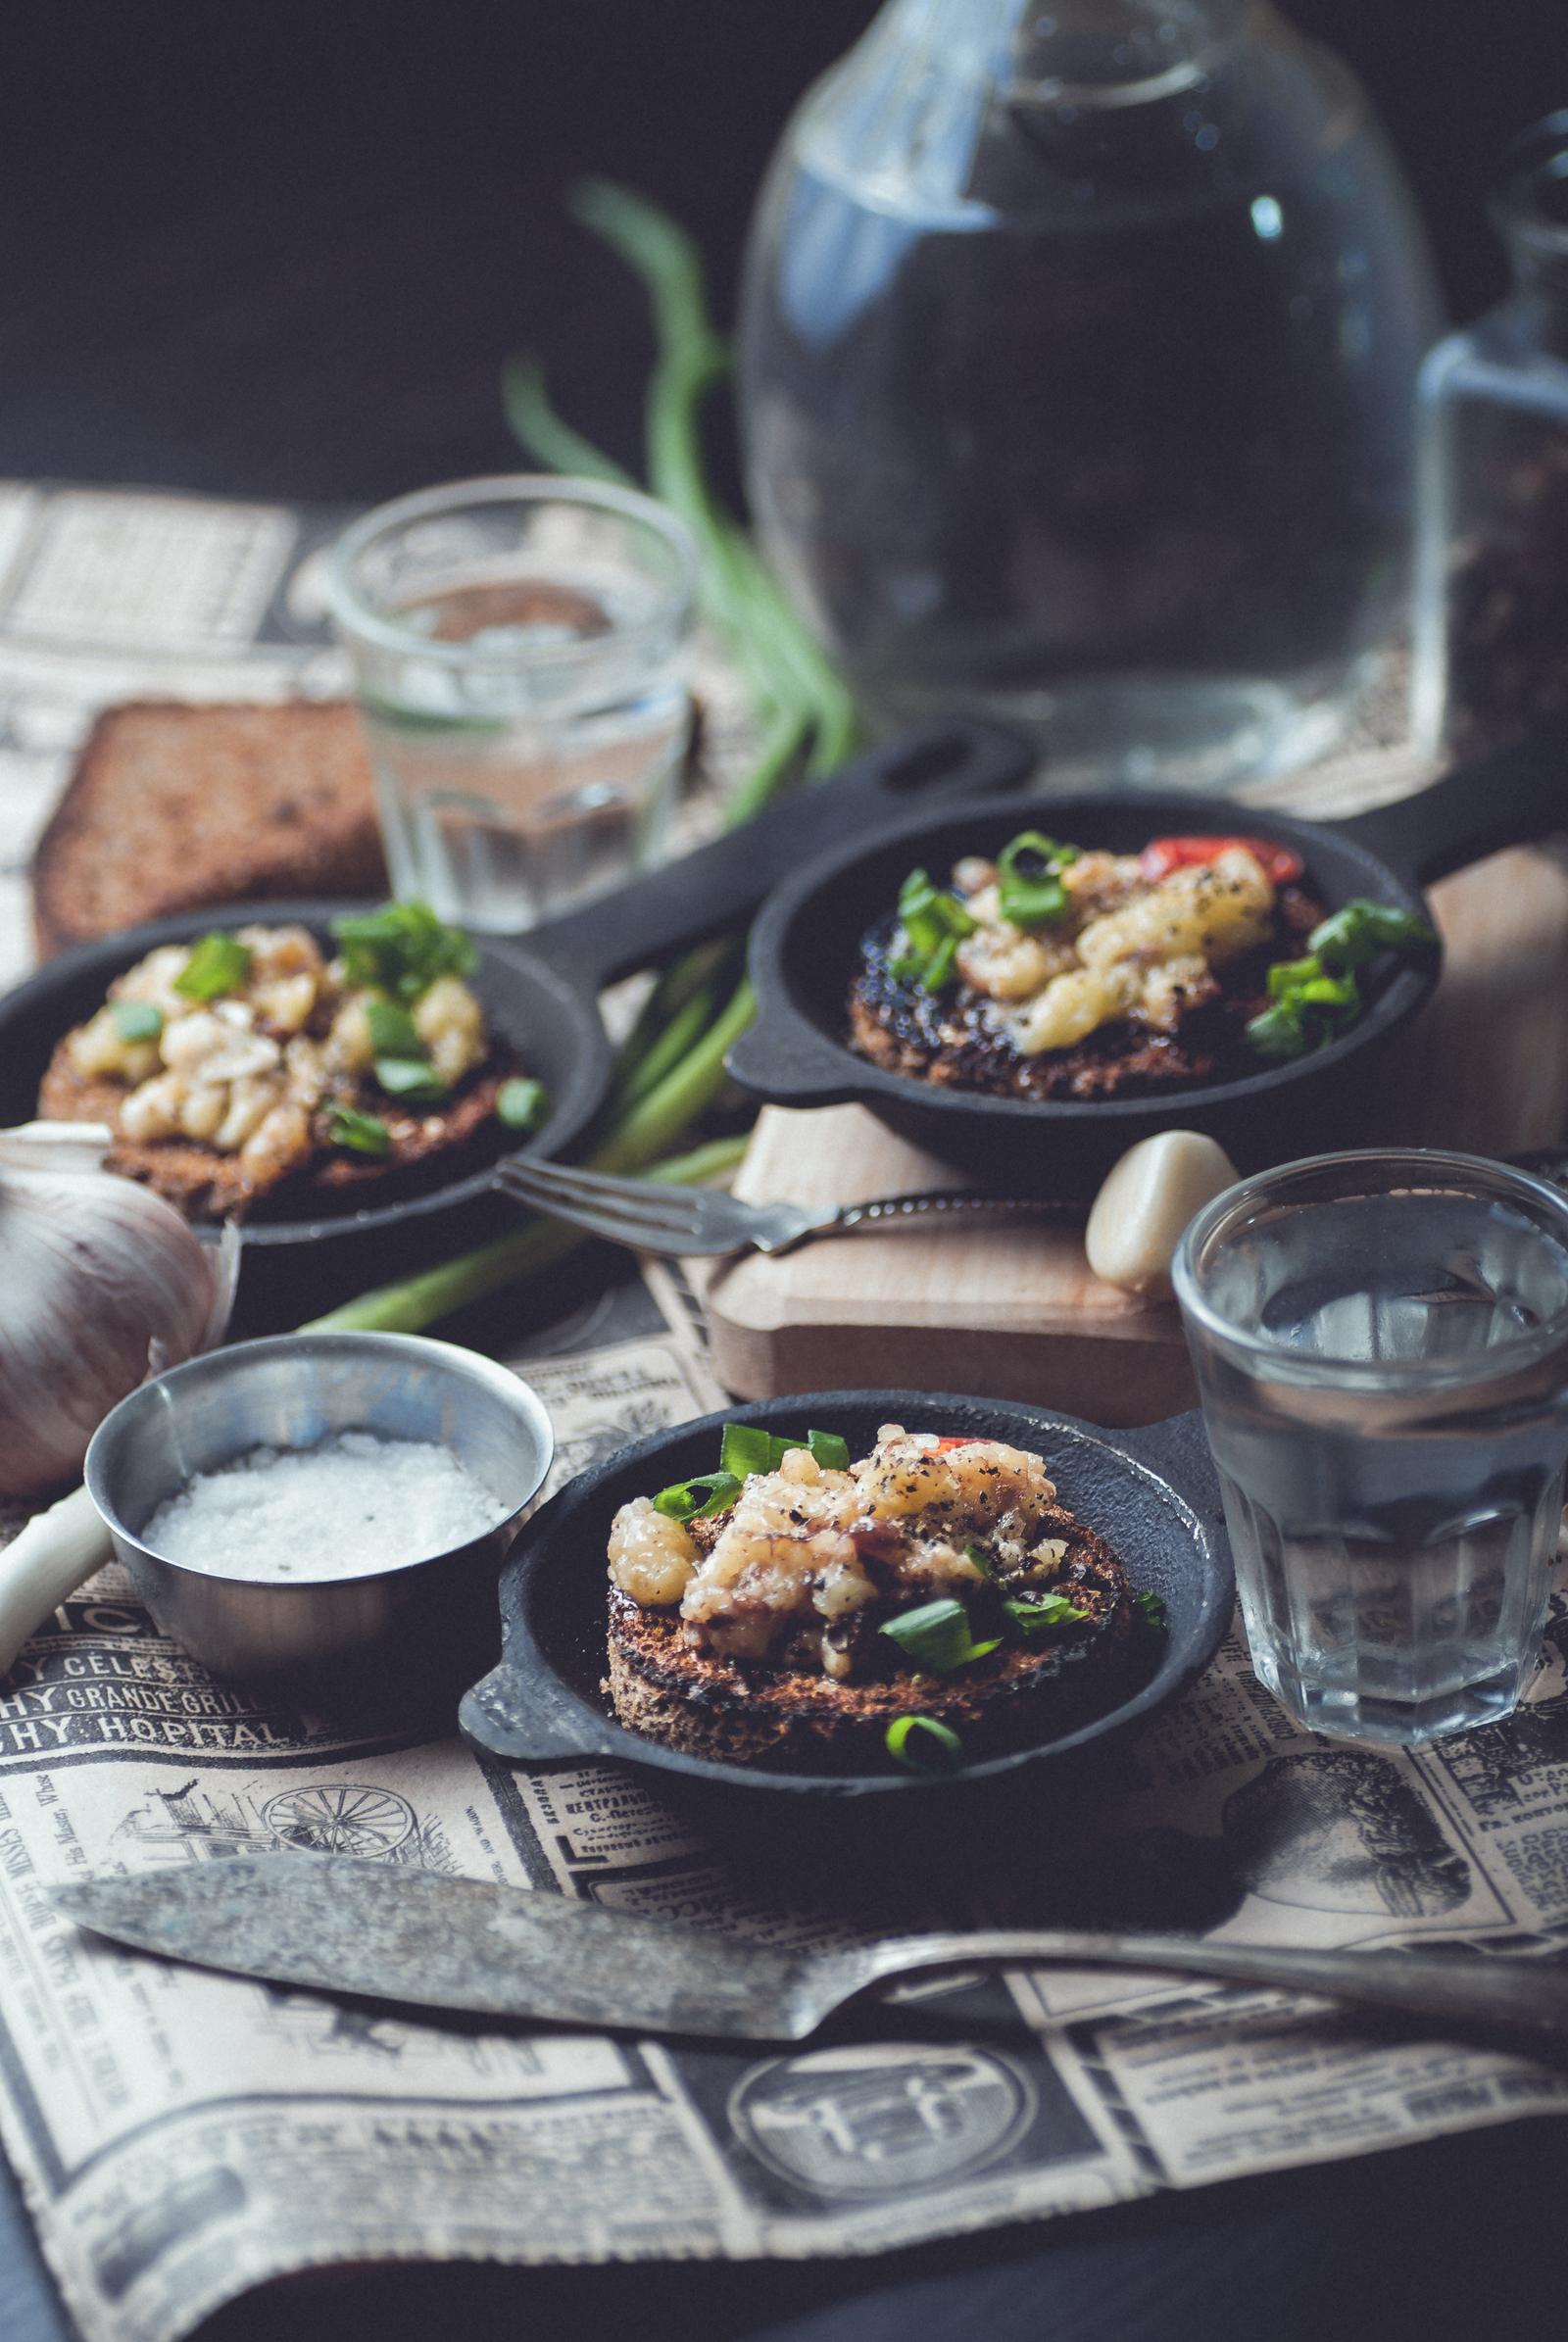 Насколько я поняла это закуска, но у меня расходится как основное блюдо Огурчики с мясом по-корейски